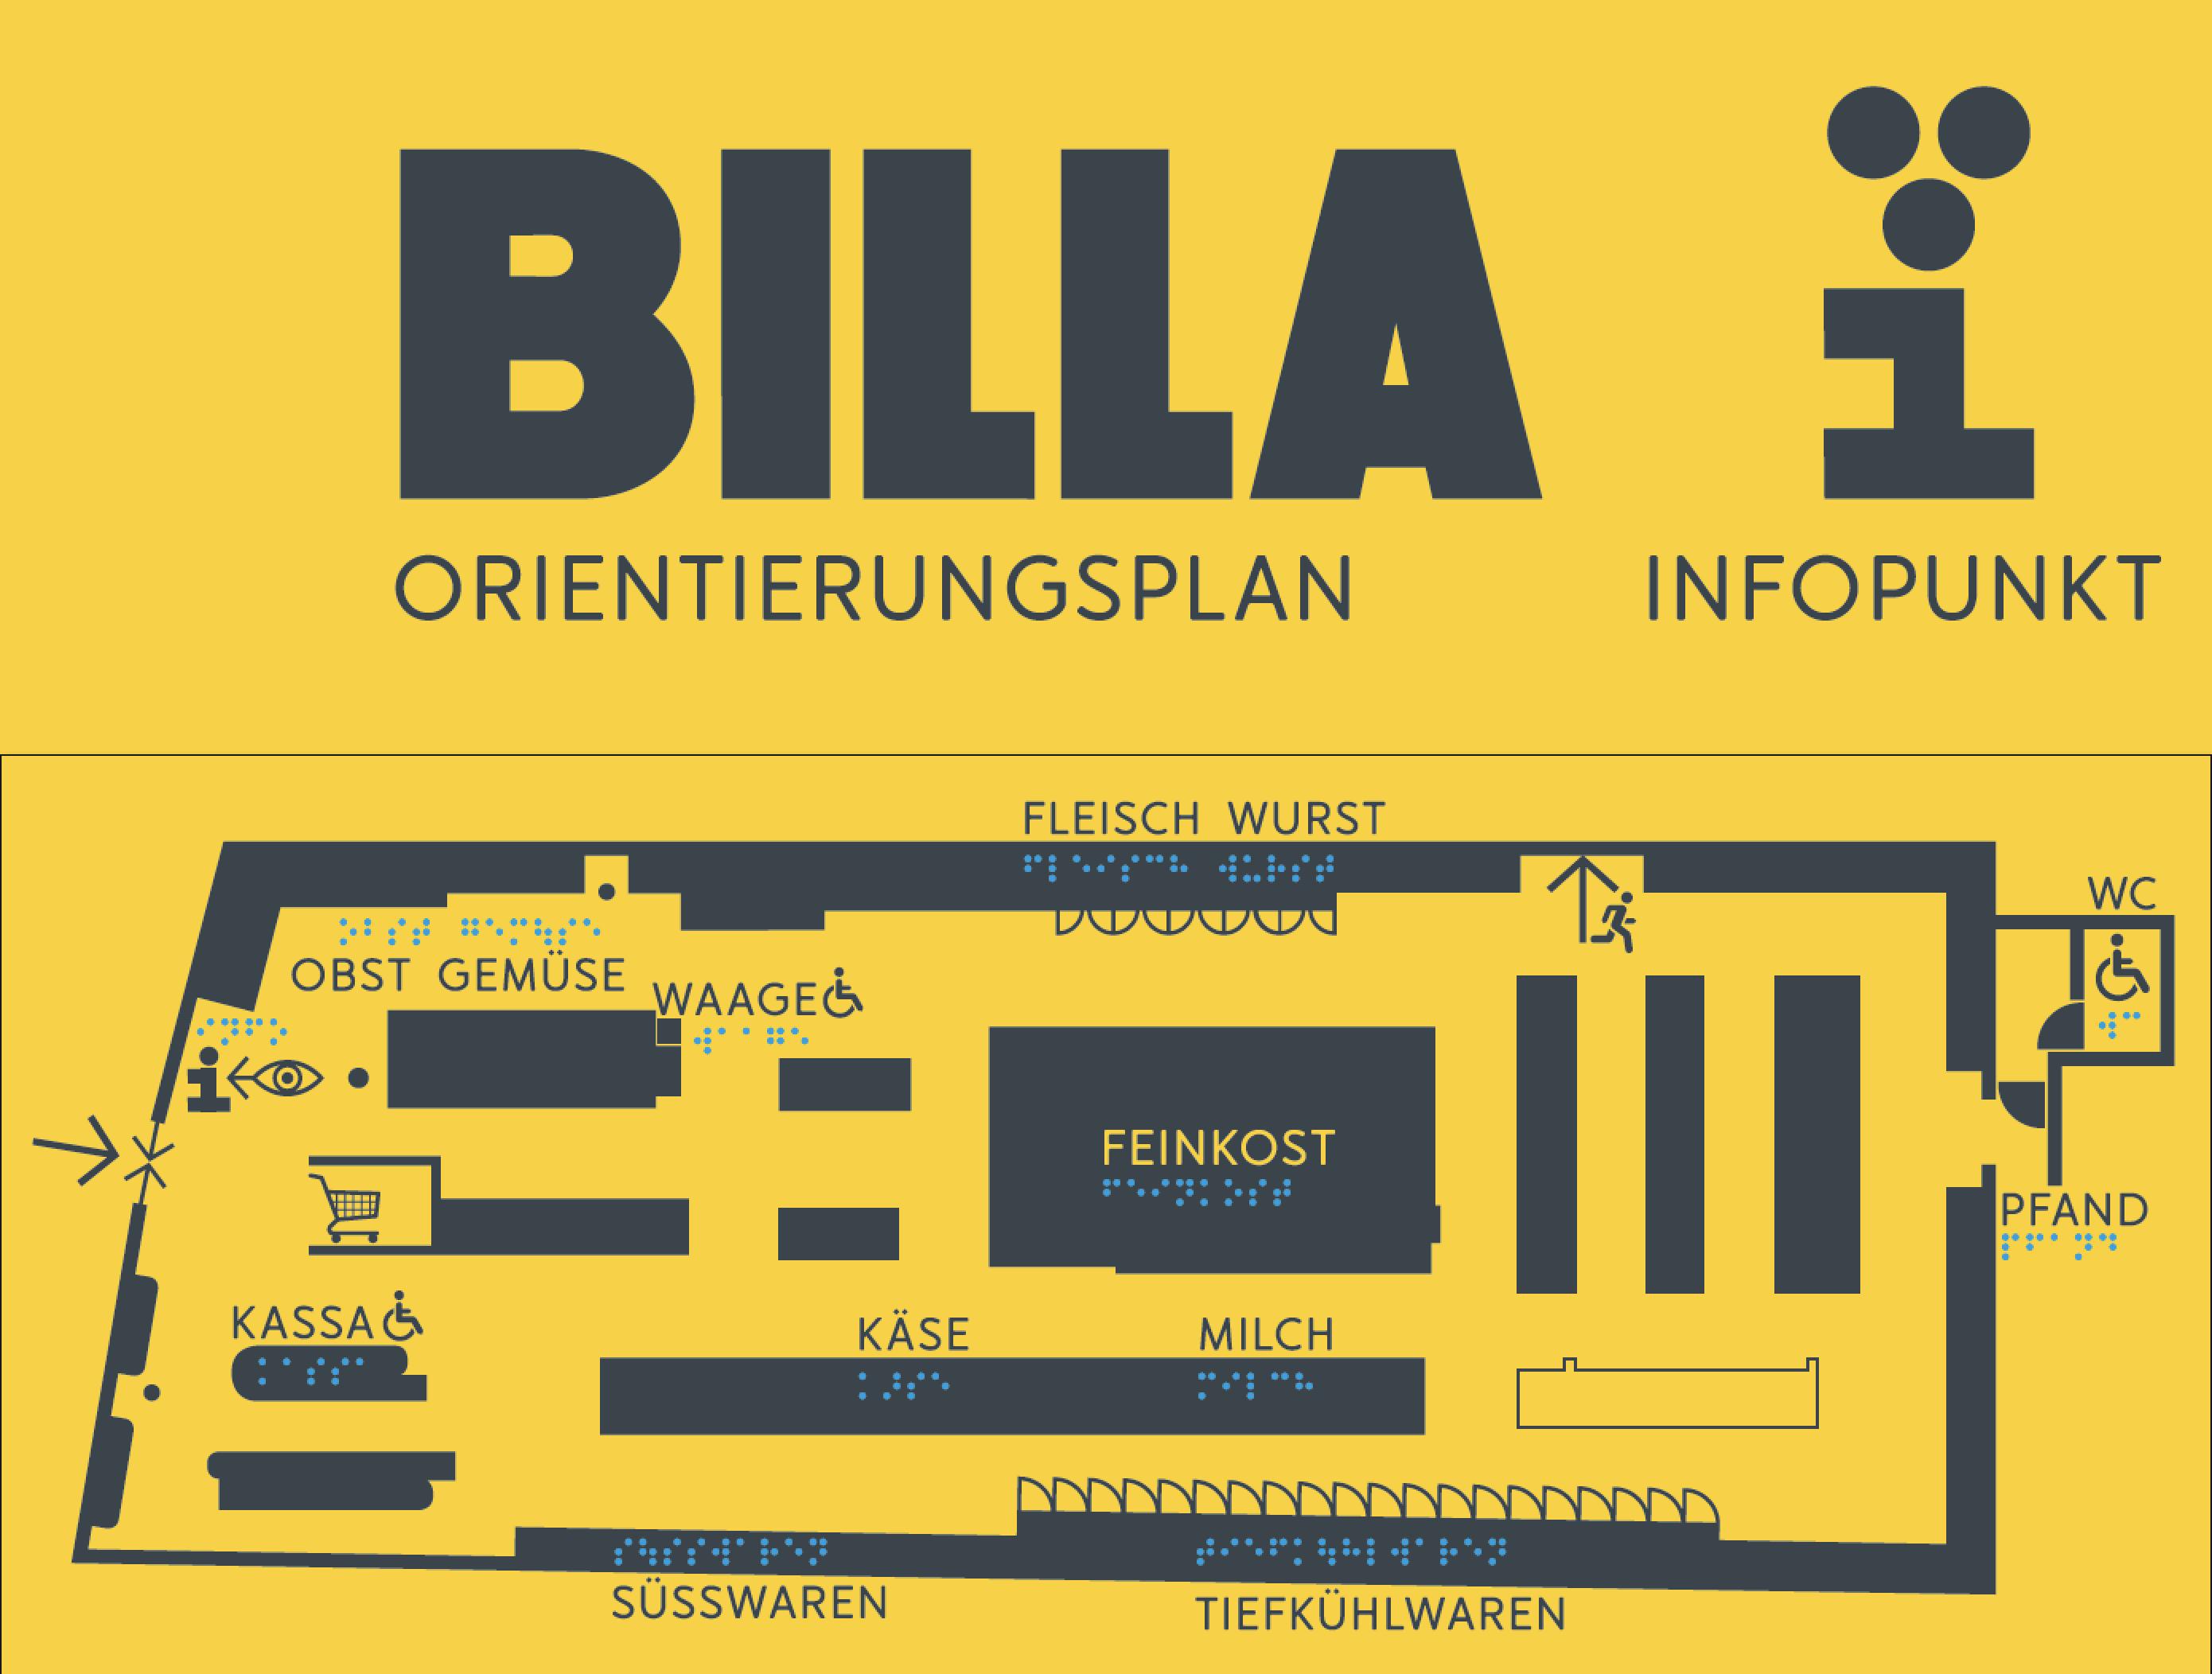 Billa Wien